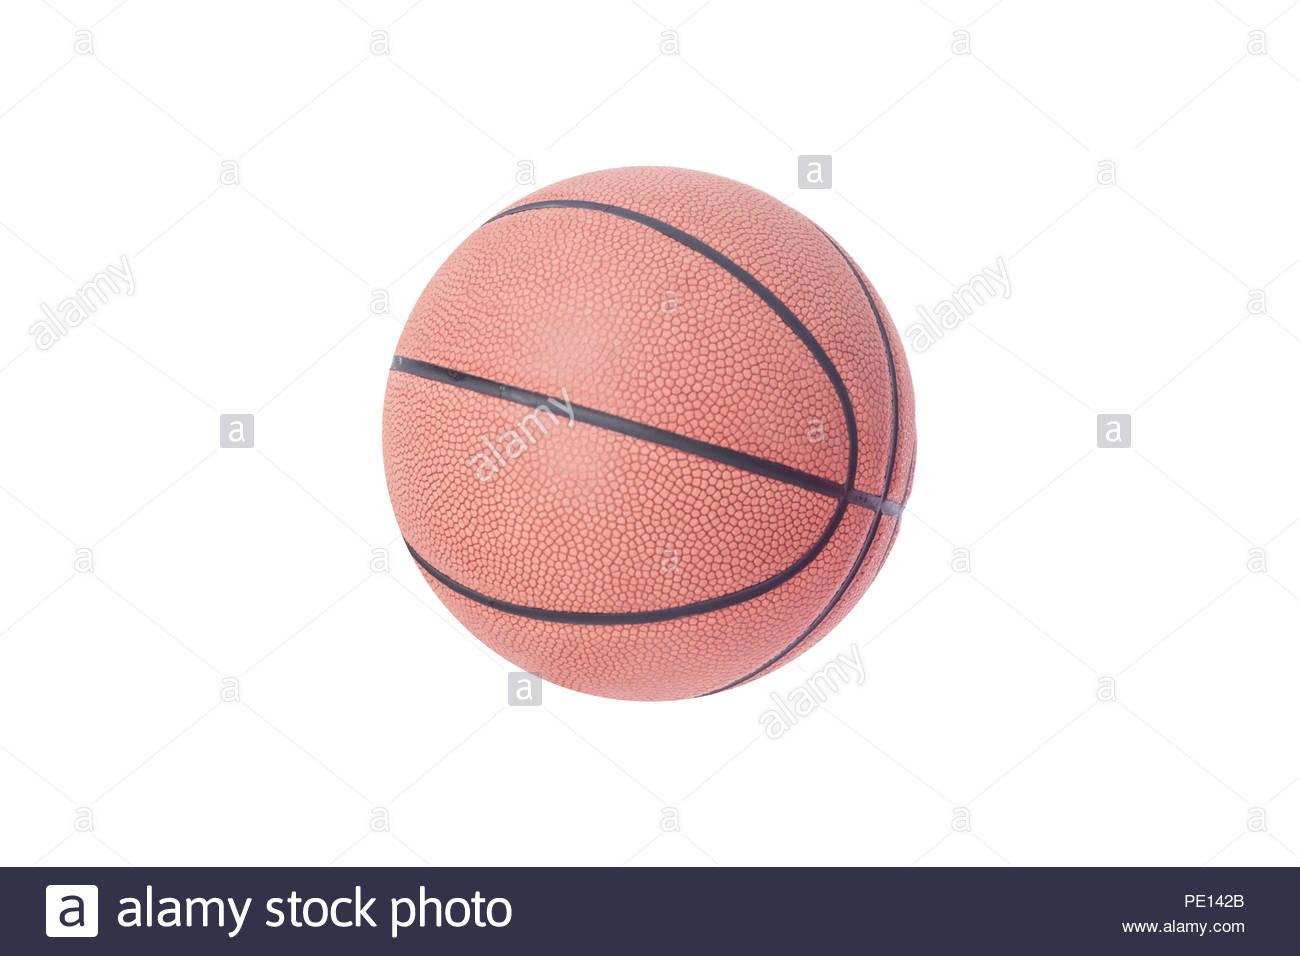 basketball isolated on white background - Stock Image